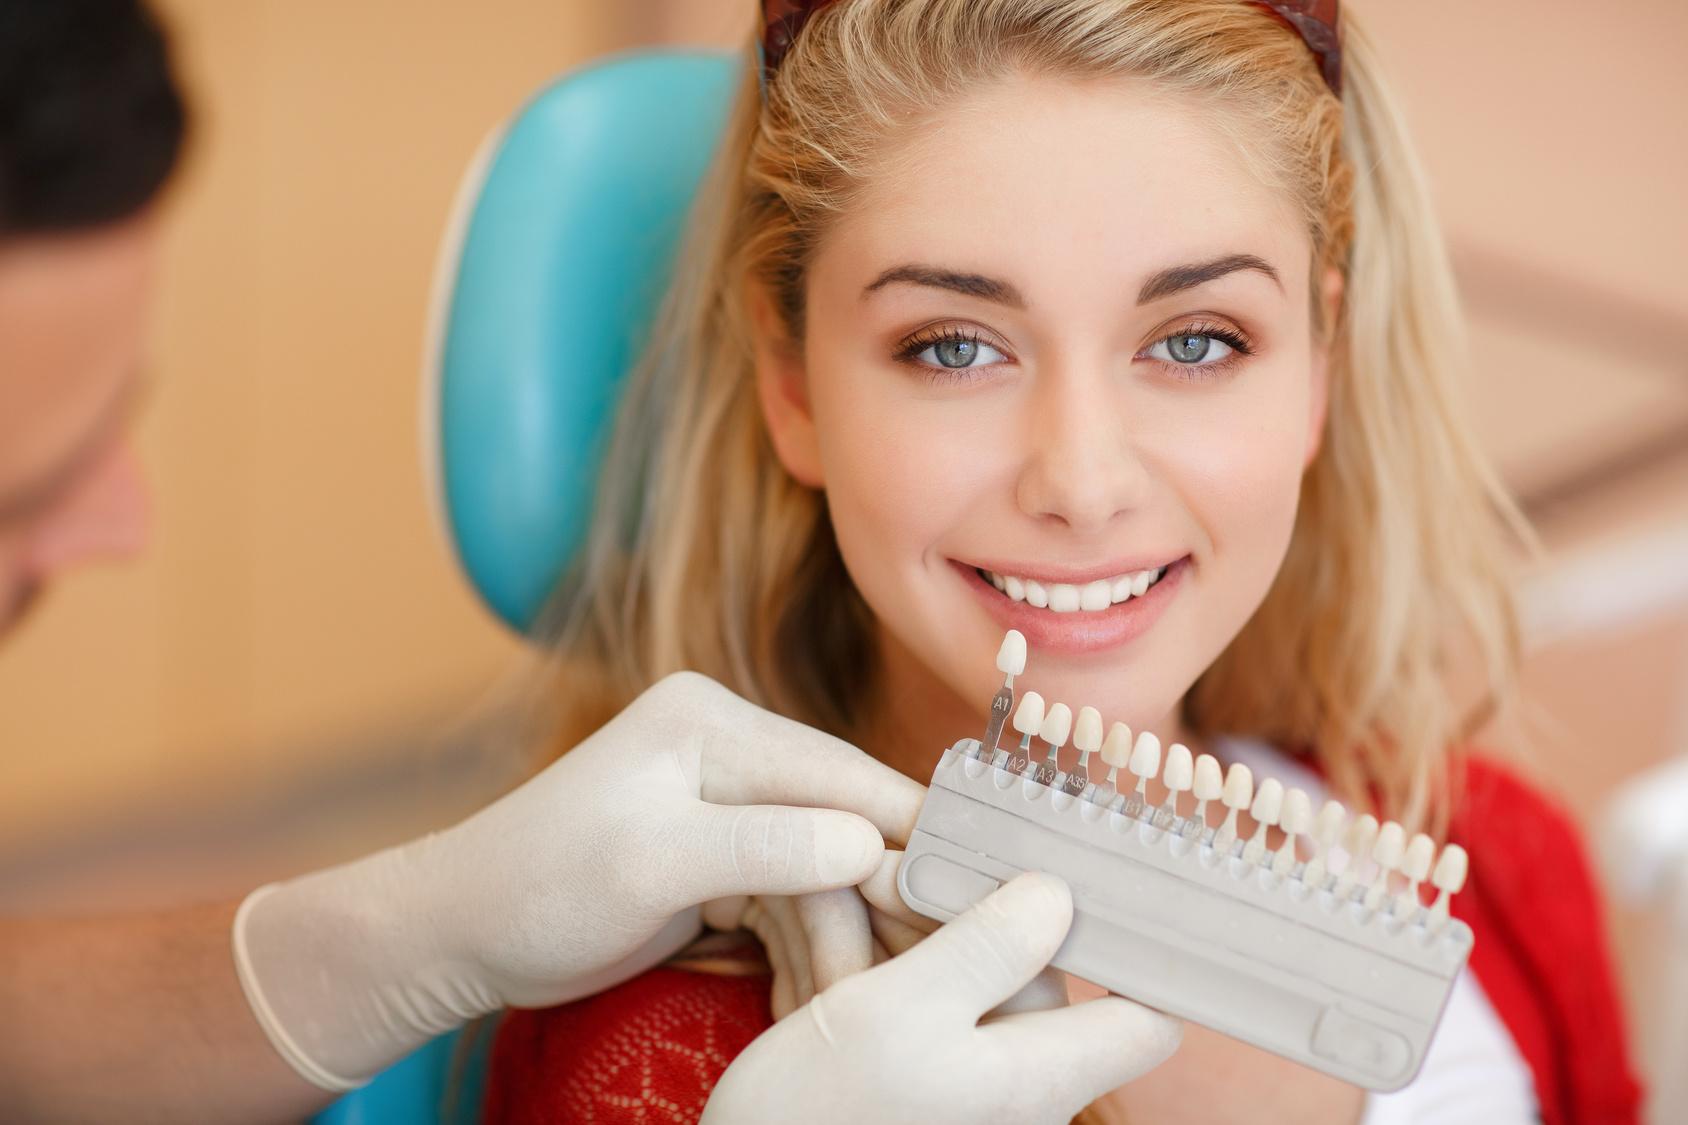 Wybielanie zębów. Fakty i mity